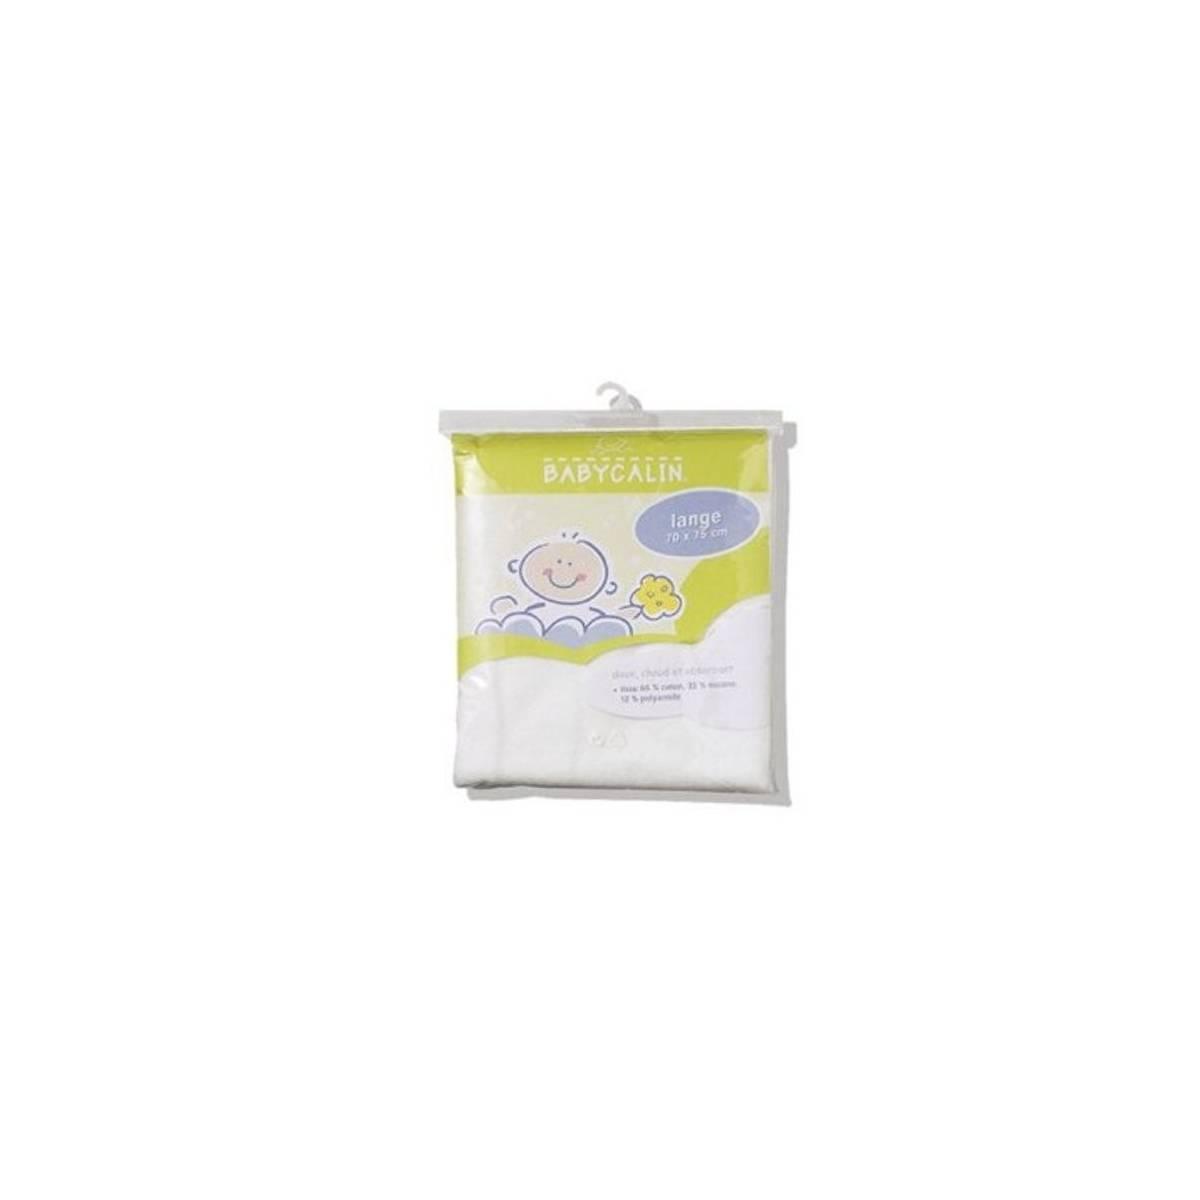 Babycalin Couche Lavable Lange blanc 70 x 75 cm